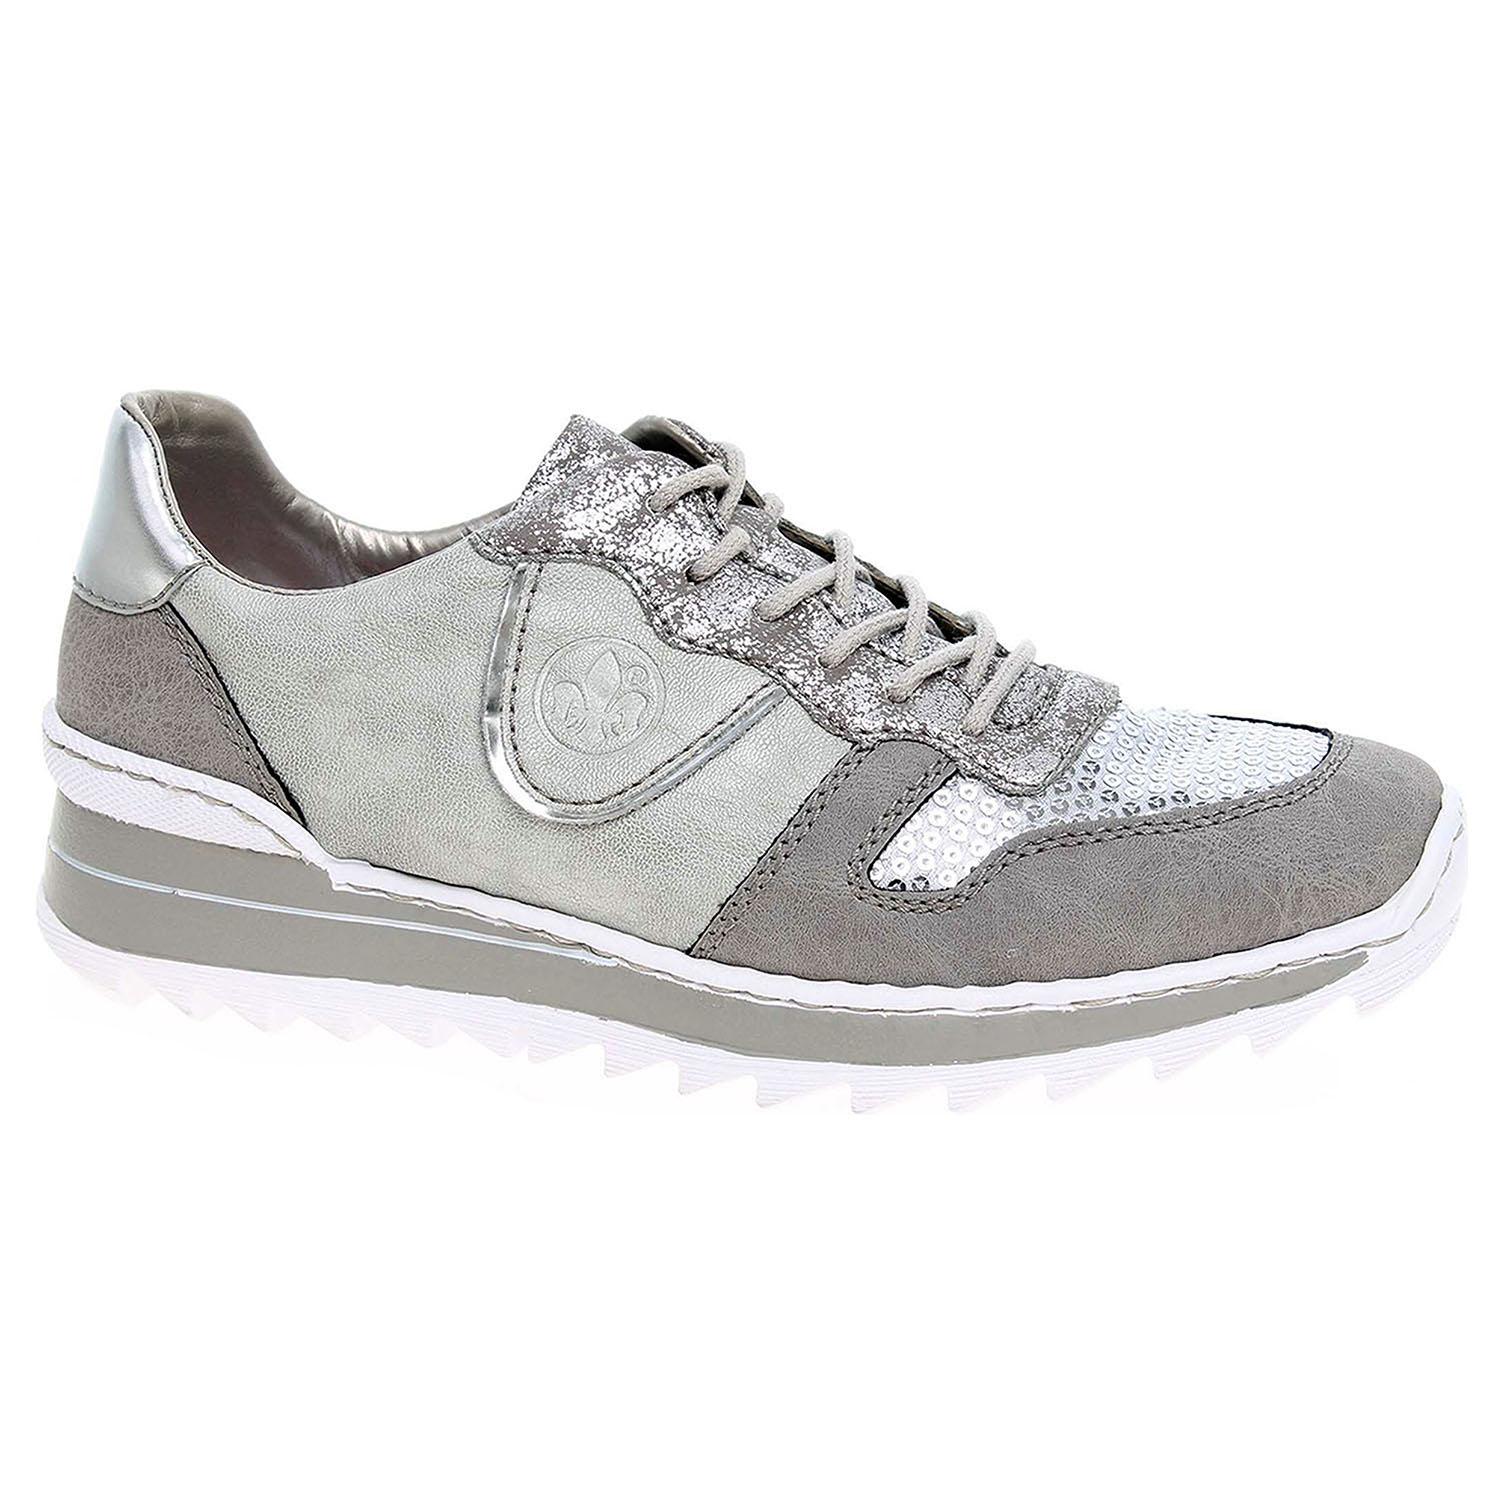 f1bb3b5891c21 Dámska topánky Rieker M6902-42 šedá | REJNOK obuv